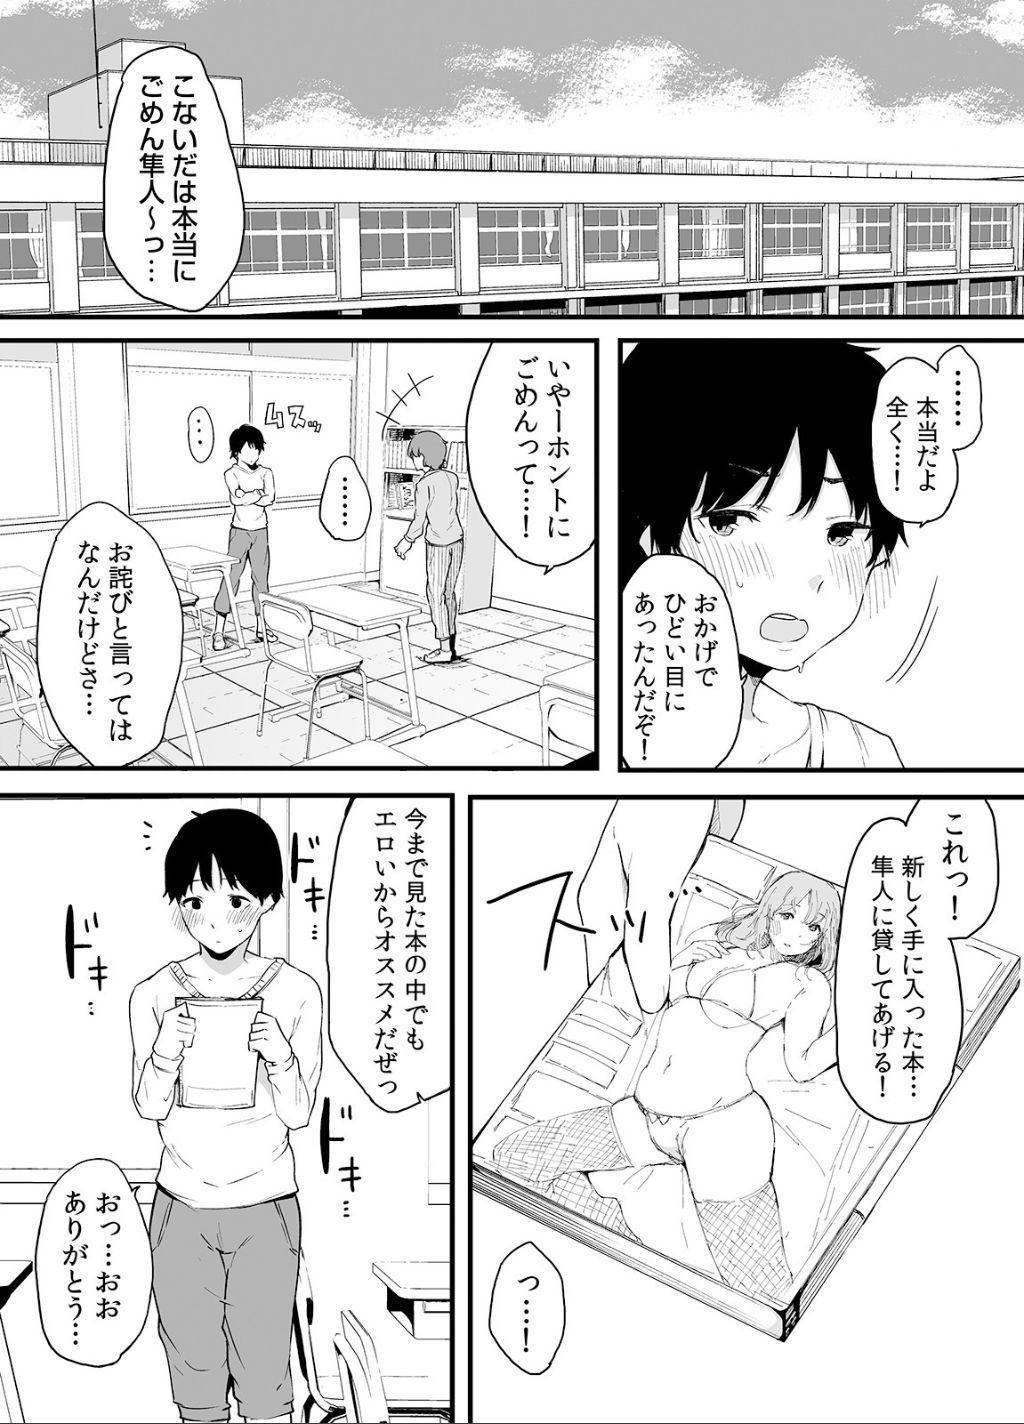 Otouto ni Ero Manga to Onaji Koto o Sare Chau o Nee-chan no Hanashi 2 59